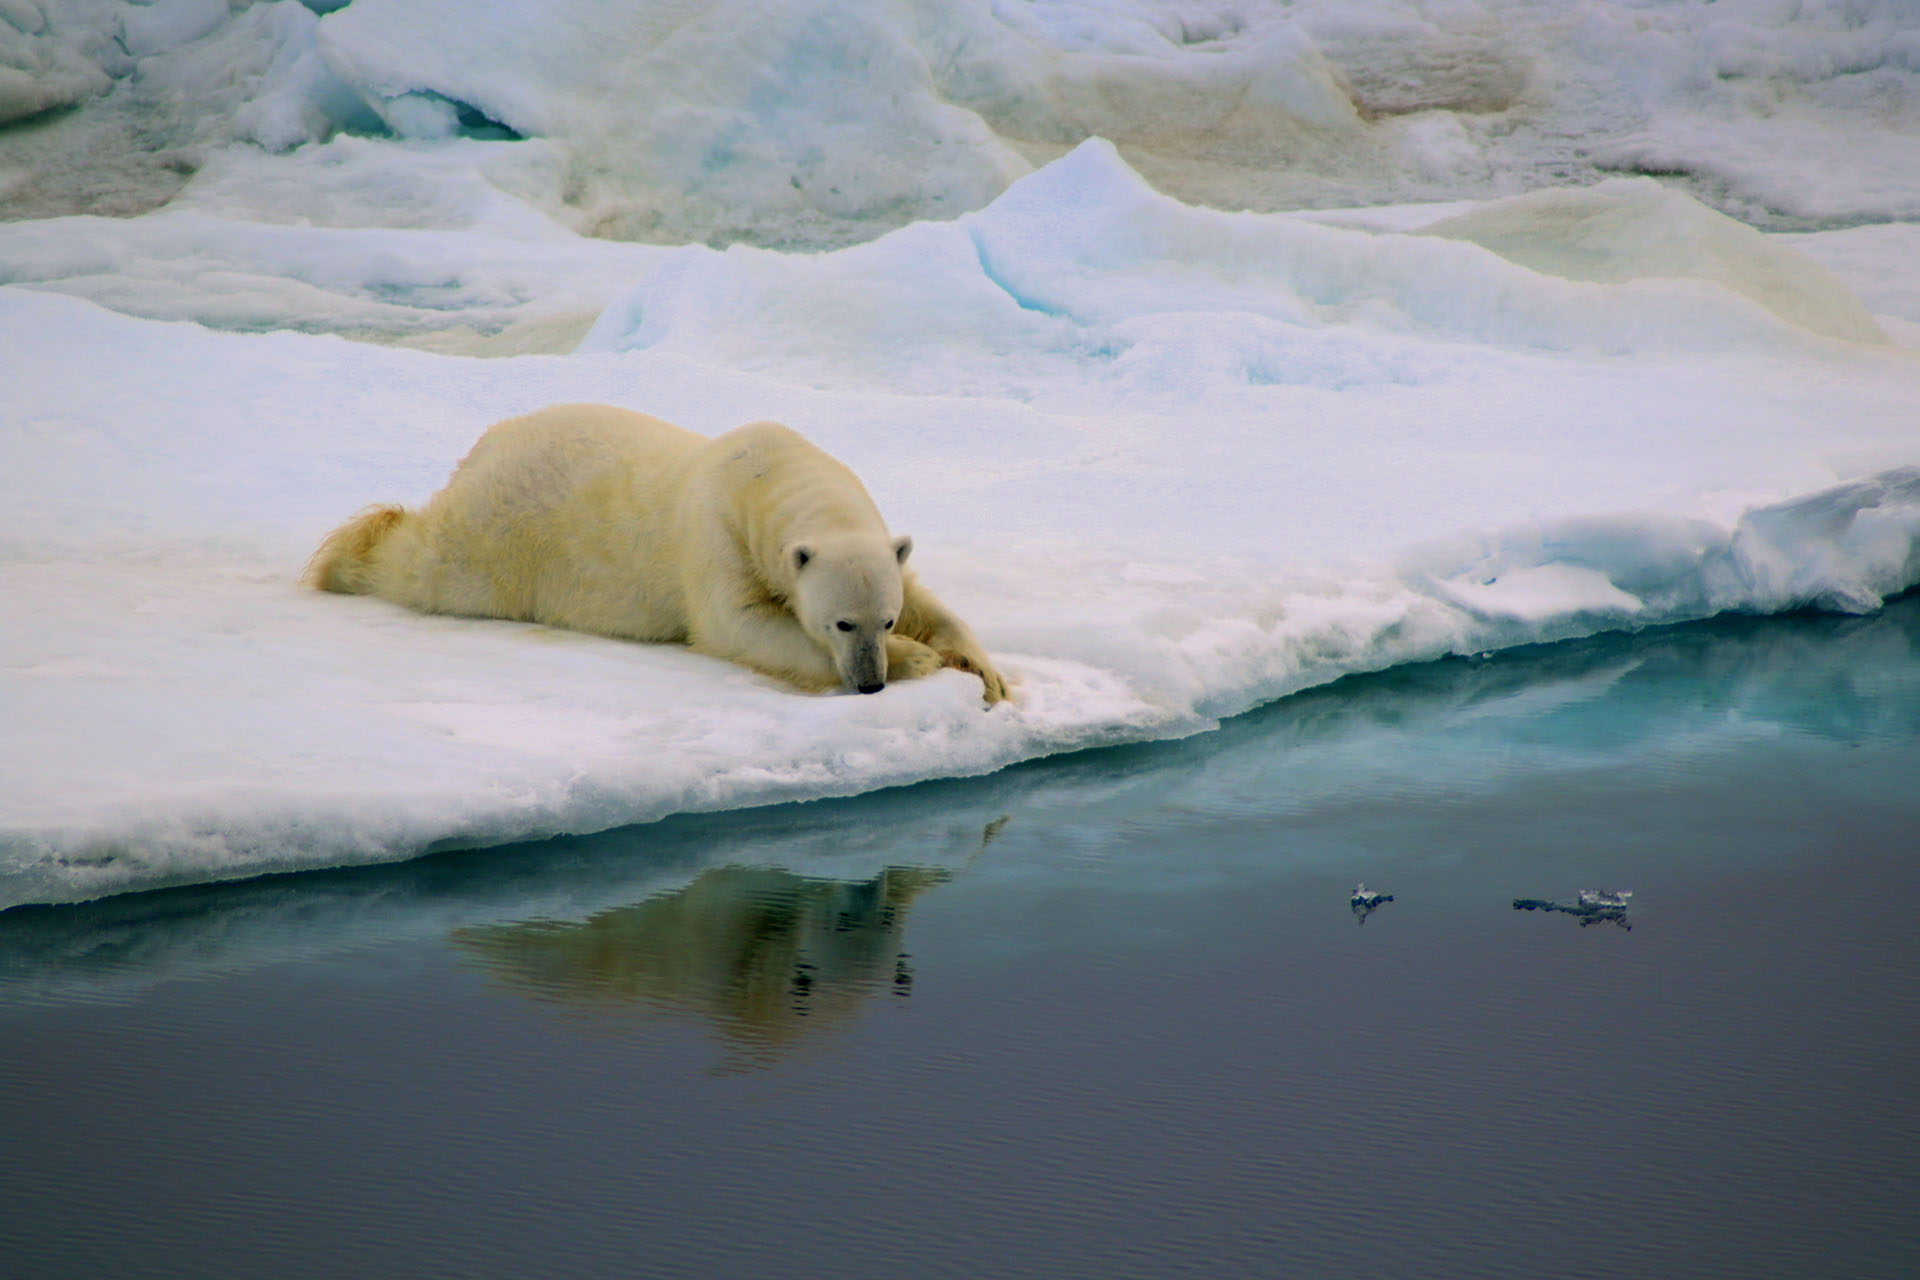 """Ganadora de la categoría Comportamiento. """"Respiro"""", por Antonia Doncila. Esta fotografía fue tomada mientras cruzaba el estrecho de Fram para recuperar y volver a desplegar el equipo de amarre cerca de la costa este de Groenlandia. Dado que el Océano Ártico se está calentando al doble de la tasa en comparación con el resto del mundo, fue doloroso pero no sorprendente ver que el hielo marino era escaso. En el viaje se vieron osos polares nadando en un océano de aguas abiertas sin sombra de hielo marino en el que descansar sus pesados cuerpos. Esos osos polares están condenados a morir por sobrecalentamiento mientras nadan sin esperanza en ninguna dirección. El protagonista de esta fotografía ha sido afortunado. Encontró una porción de hielo rápido que rápidamente se convirtió en su hogar. Su mirada en el agua representa el producto de los errores humanos. También es un símbolo de esperanza porque lo que se derritió puede volver a congelarse. Teleobjetivo Canon EOS 5D Mark II + Tamron (70-300 mm, f5.6); El contraste de la imagen se ajustó ligeramente en Picasa Photo Editor"""